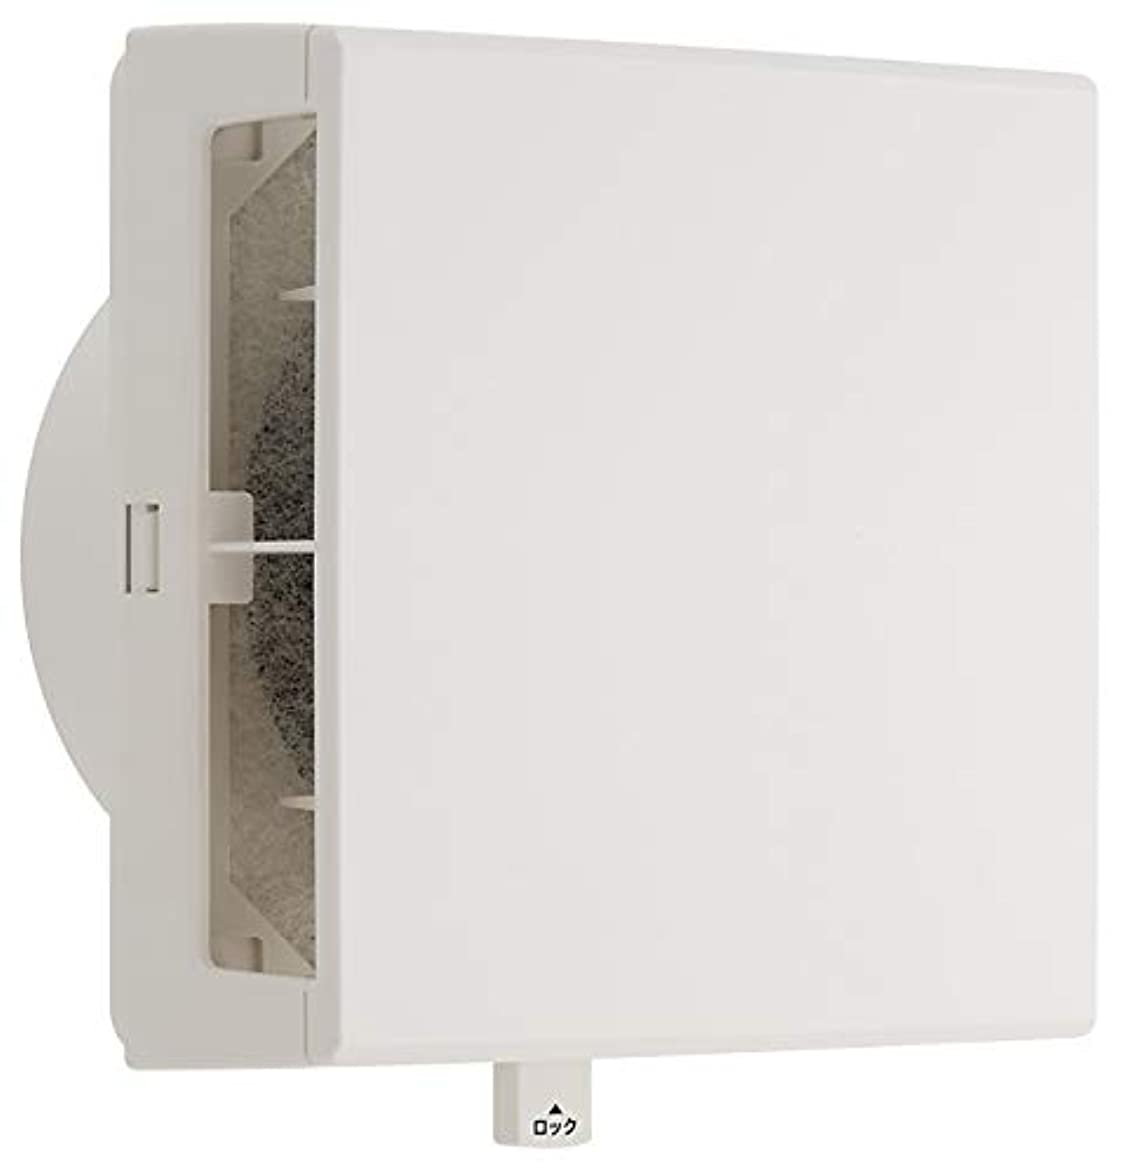 みなさんあたたかいなにユニックス 室内用製品 差圧式給気口 壁取付用 PDF150BWFH(旧:AWFH) フラットカバー 外気浄化フィルター付